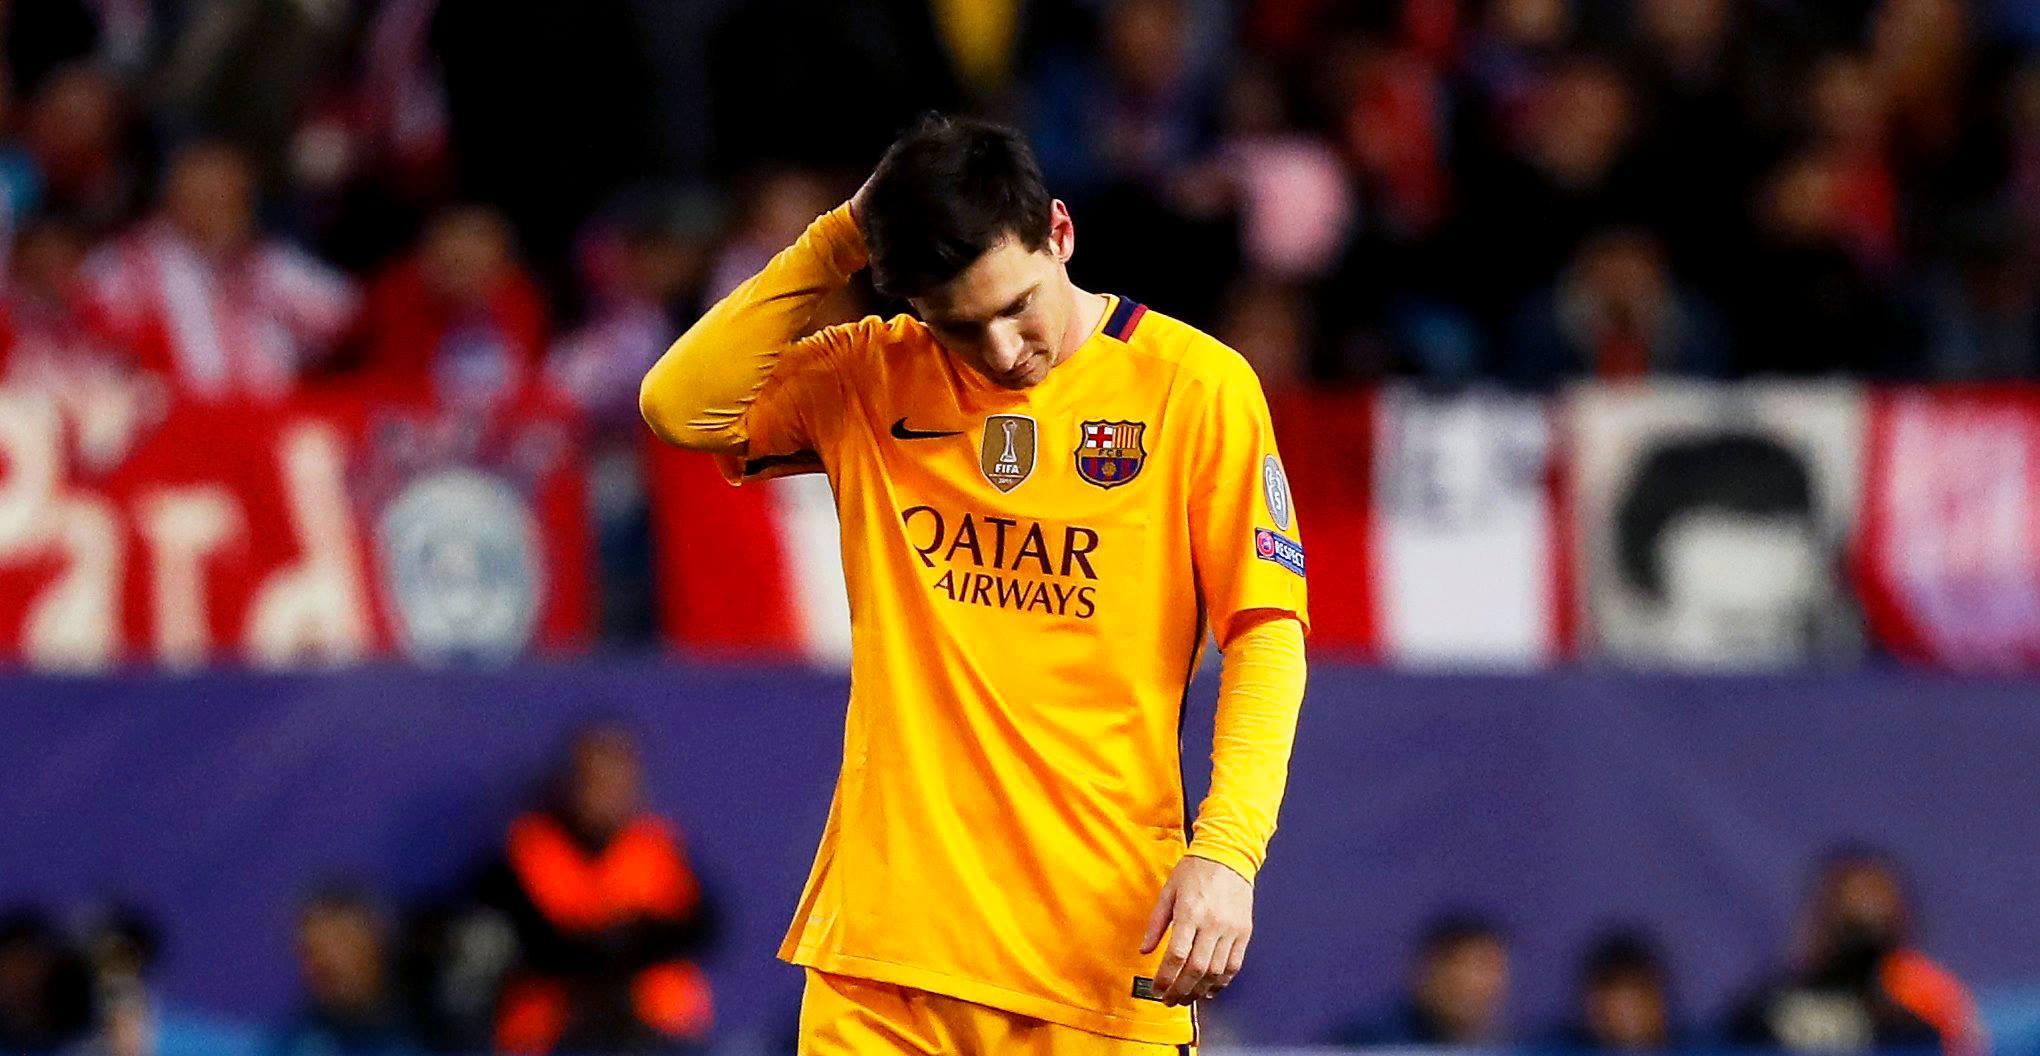 الصحف الإسبانية تتحدث عن ليلة سقوط برشلونة!